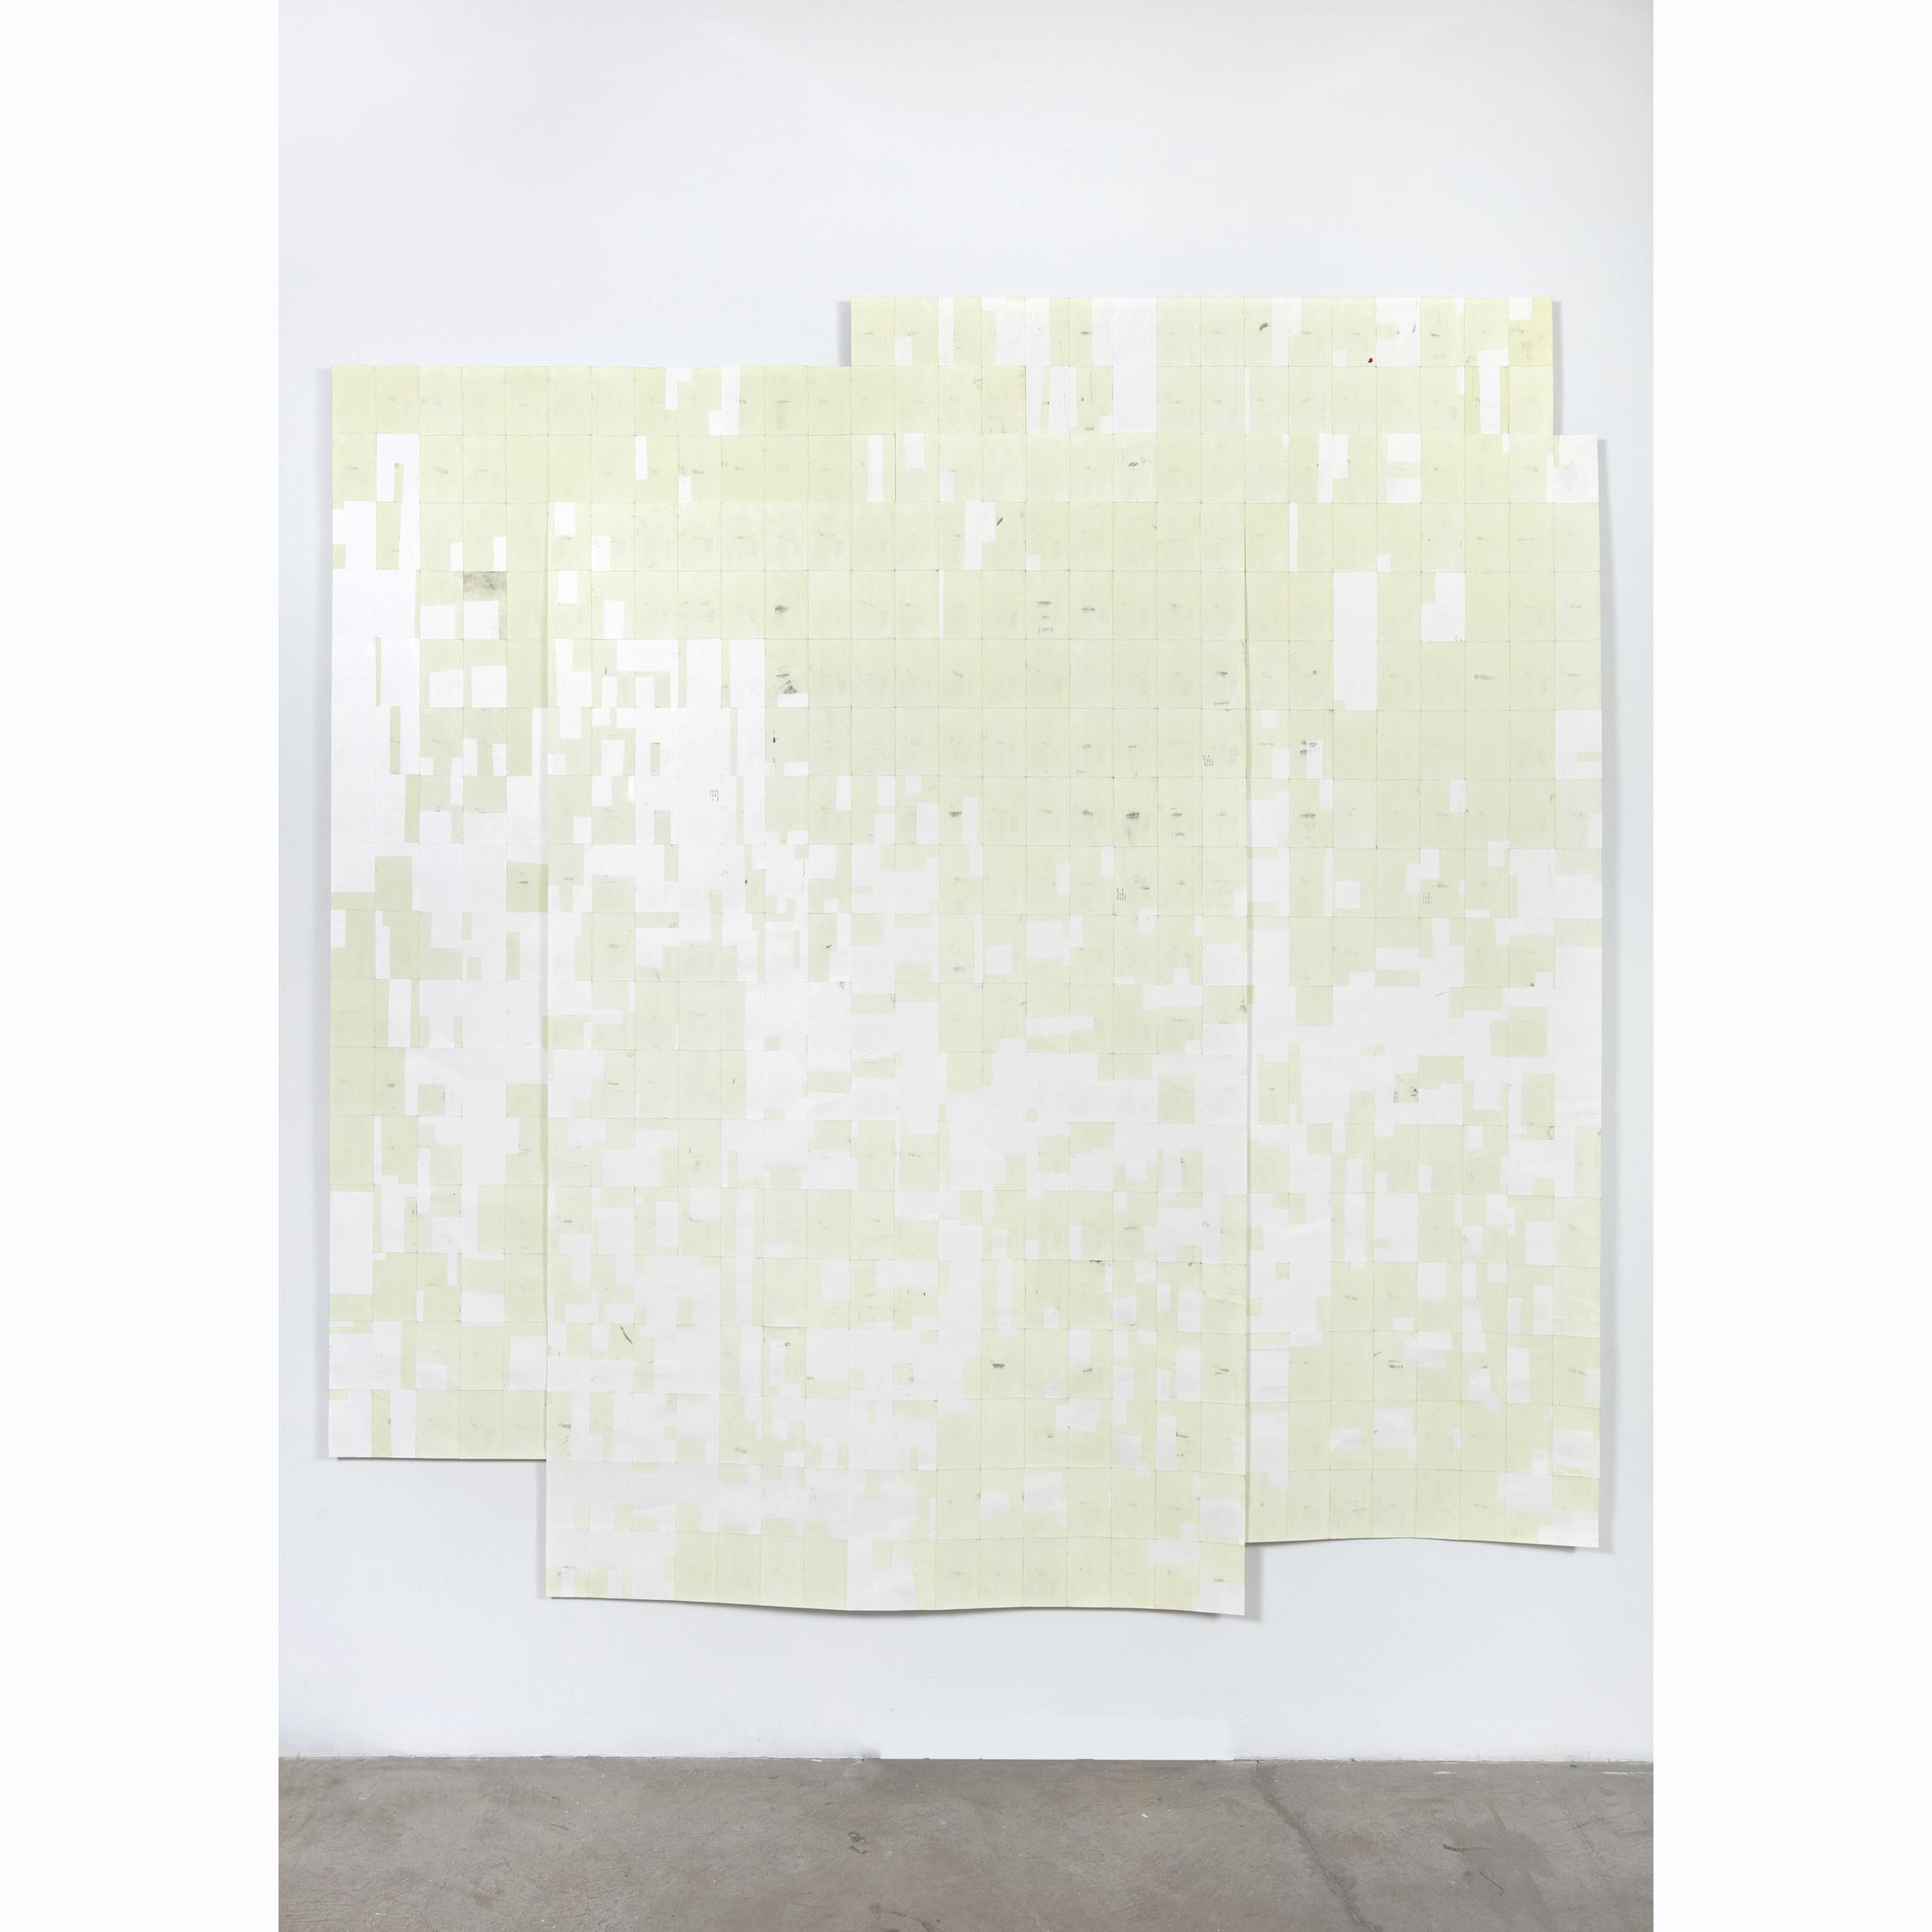 Agnes Lux, Hiver étéliés #1 ,2016,phosphorescent paint on postcards,104.72 x 101.4 in (light view)